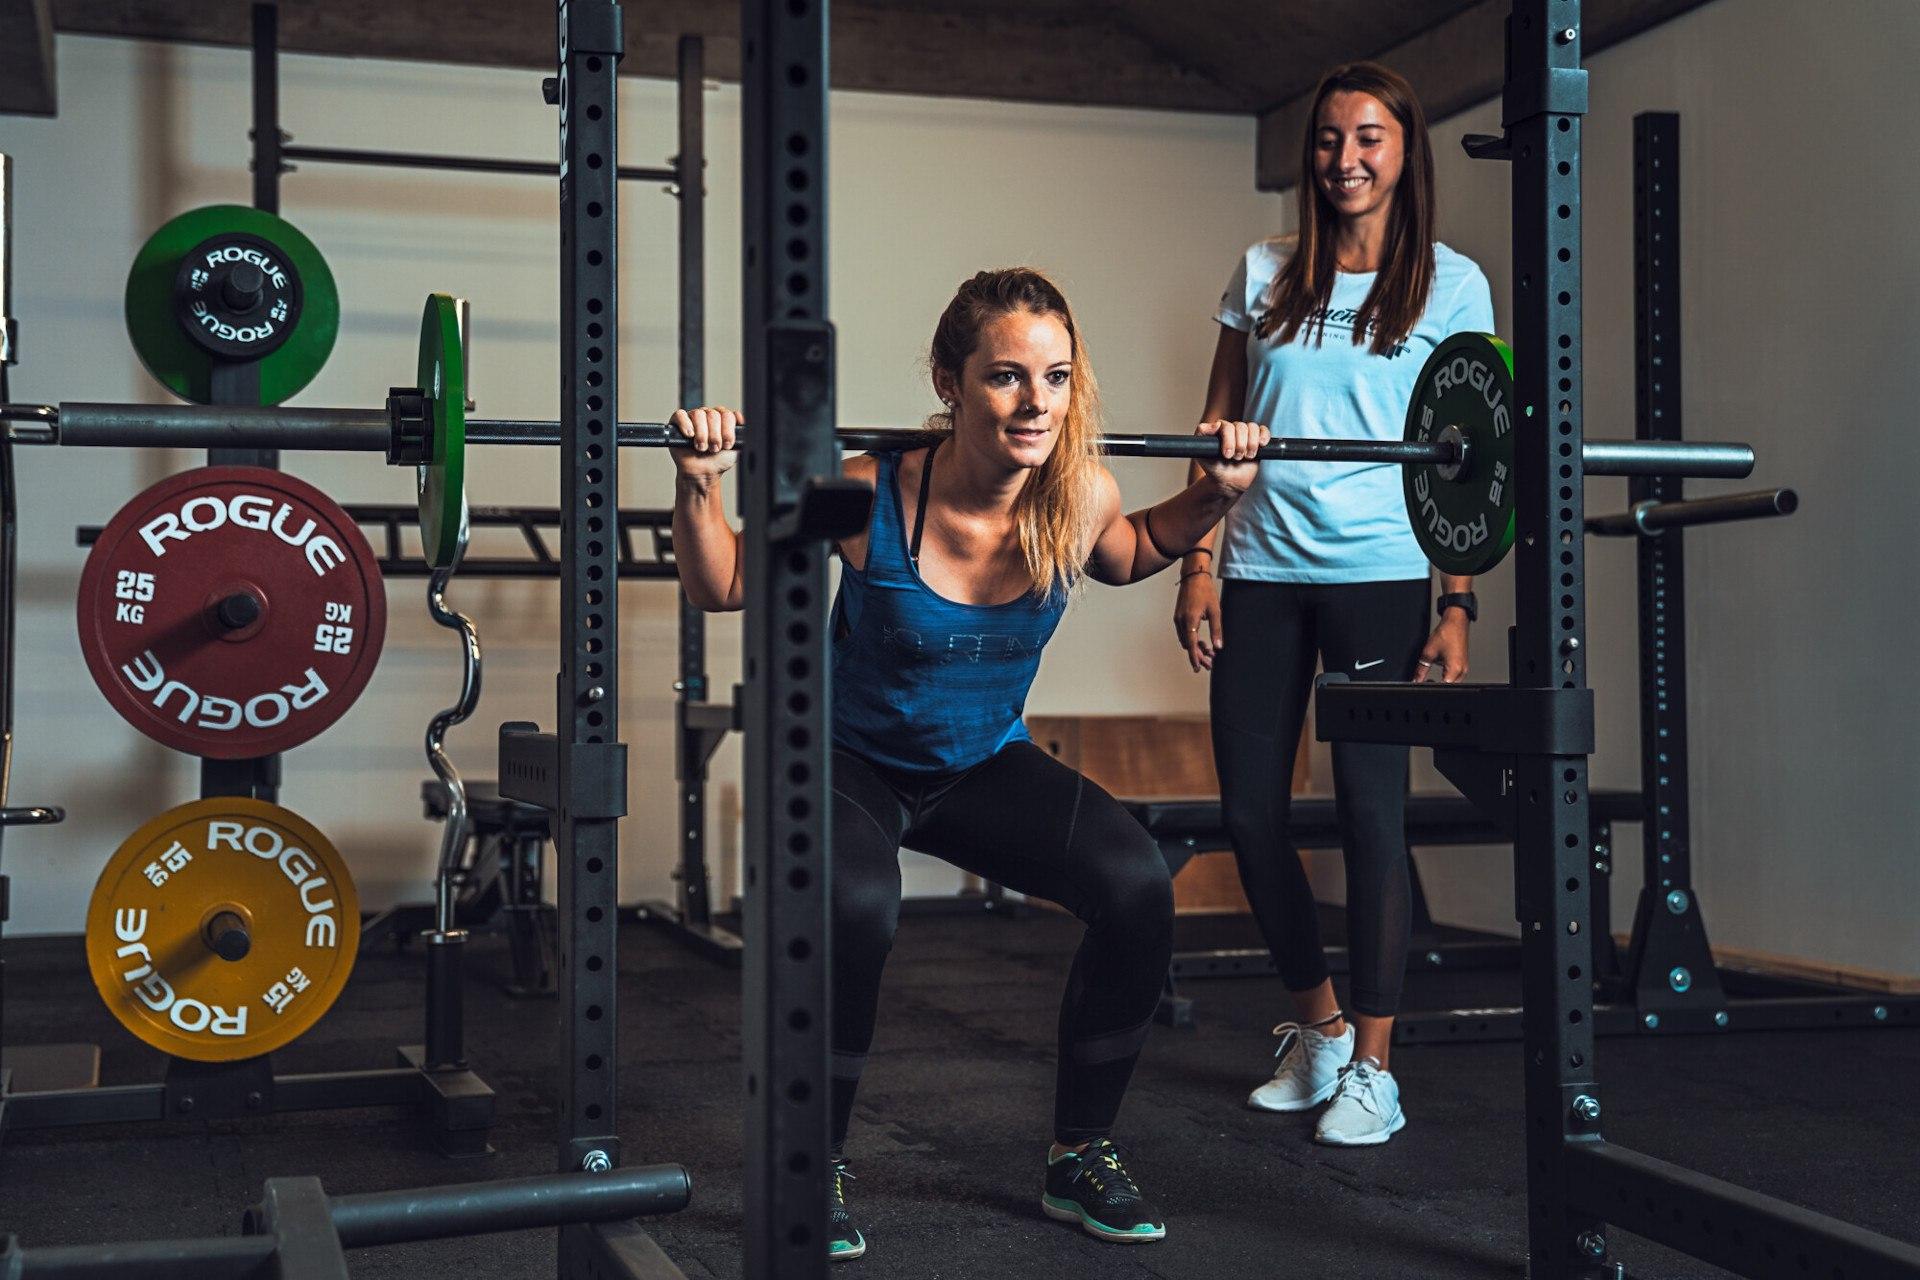 Elemental Training Industrial Gym